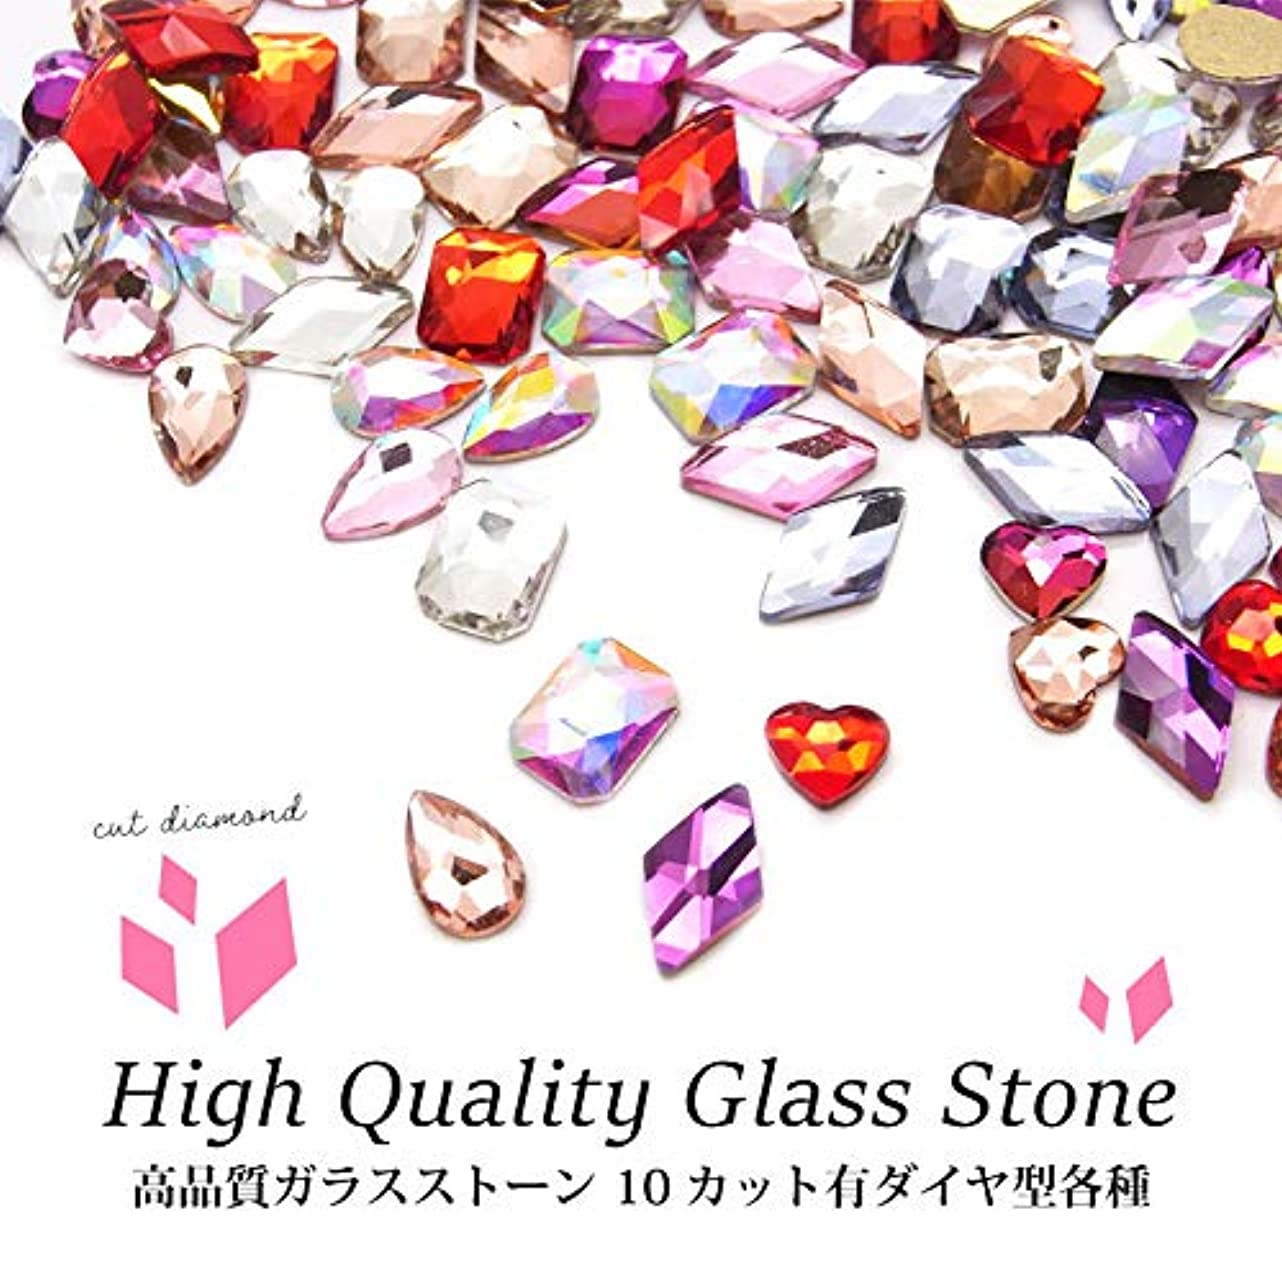 スリッパボックス展開する高品質ガラスストーン 10 カット有ダイヤ型 各種 5個入り (3.ピーチ)